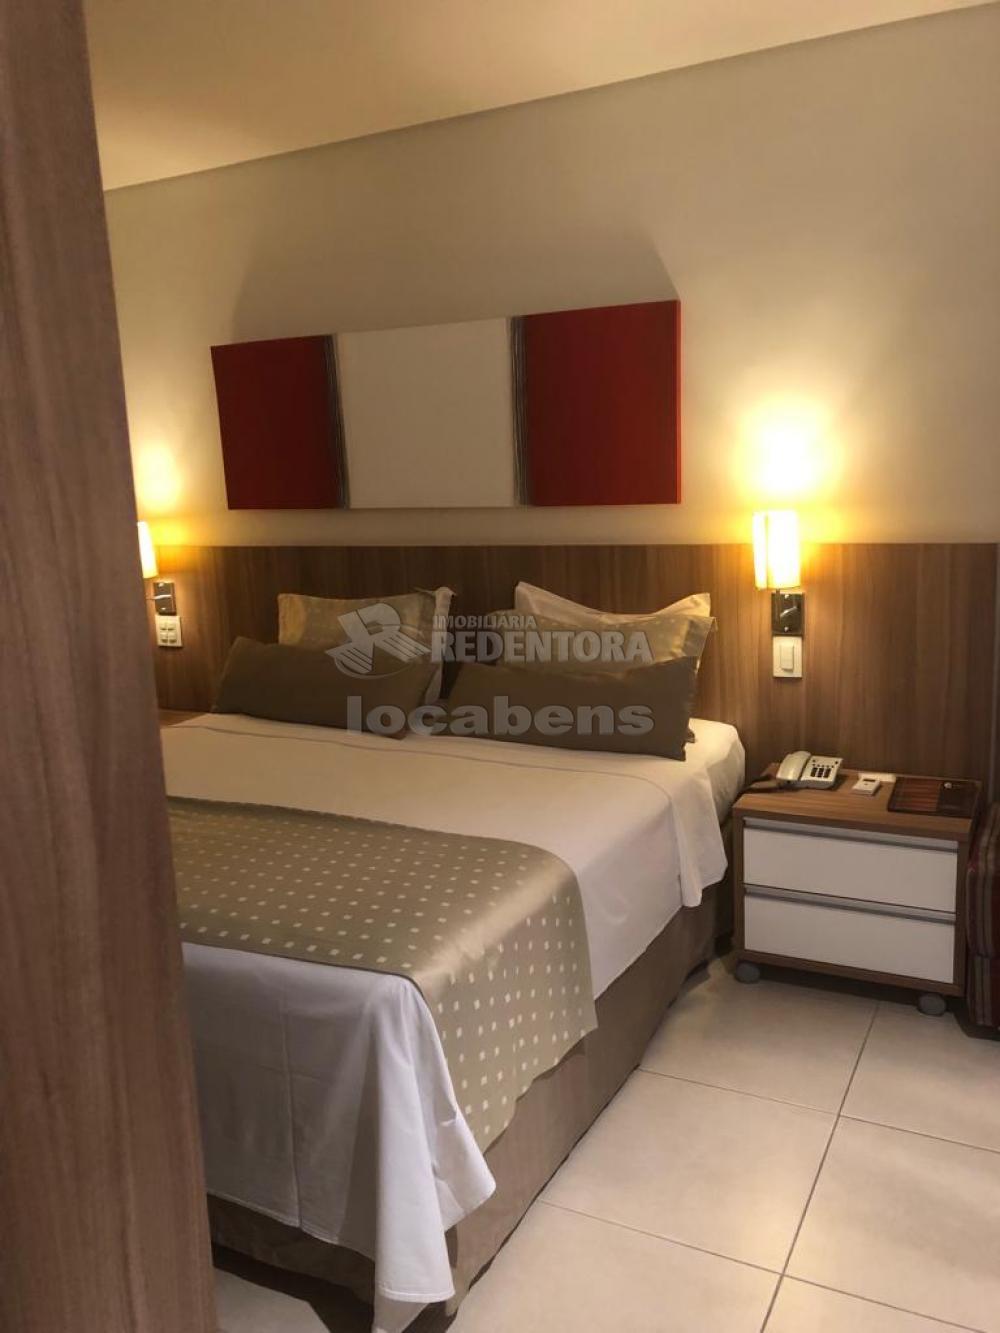 Comprar Apartamento / Flat em São José do Rio Preto R$ 300.000,00 - Foto 9